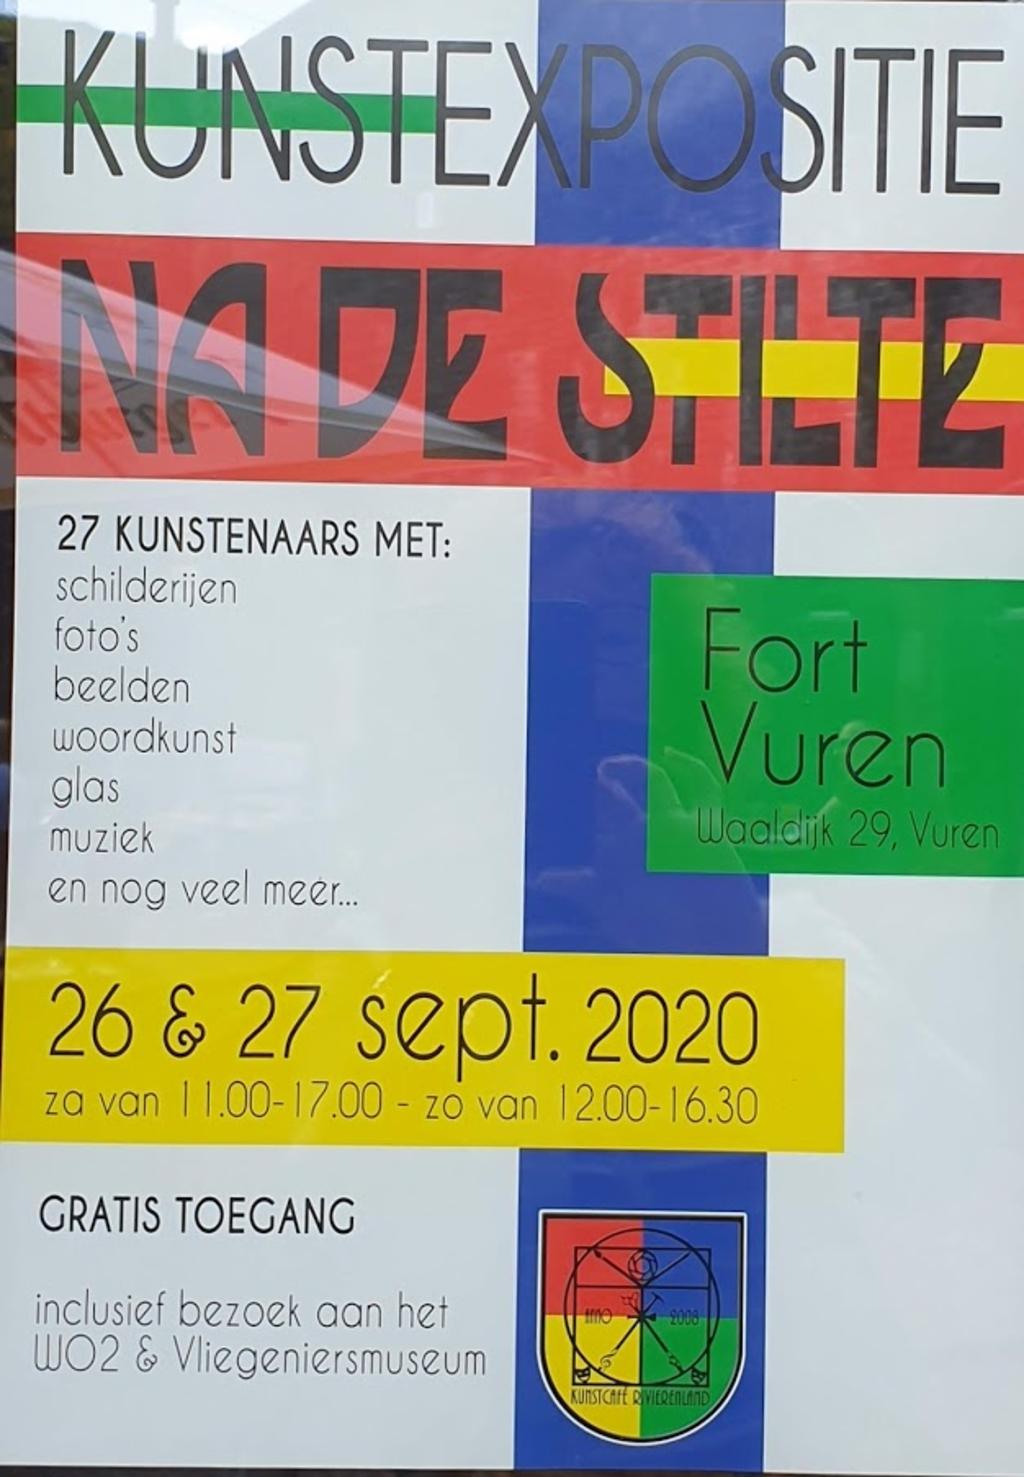 <p>pamflet kunstexpositie<br><br></p> <p>Sky of Hope Vliegeniersmuseum</p> © BDU Media